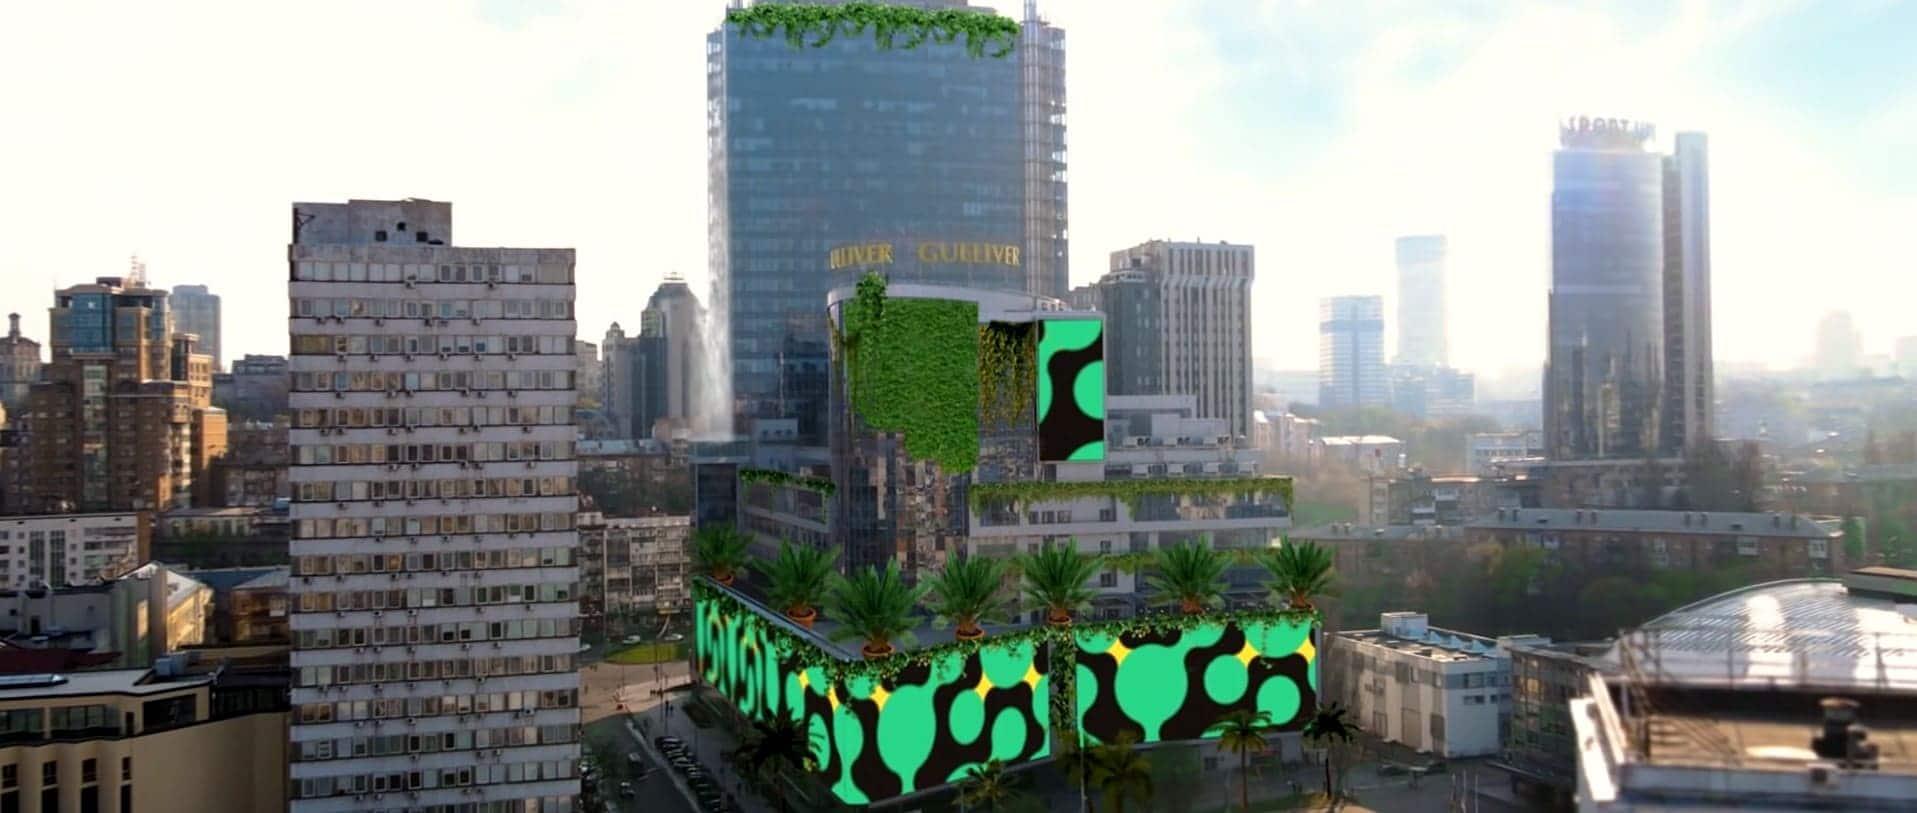 Промо-ролик від ТРЦ Gulliver з перетворенням фасаду в тропічному стилі